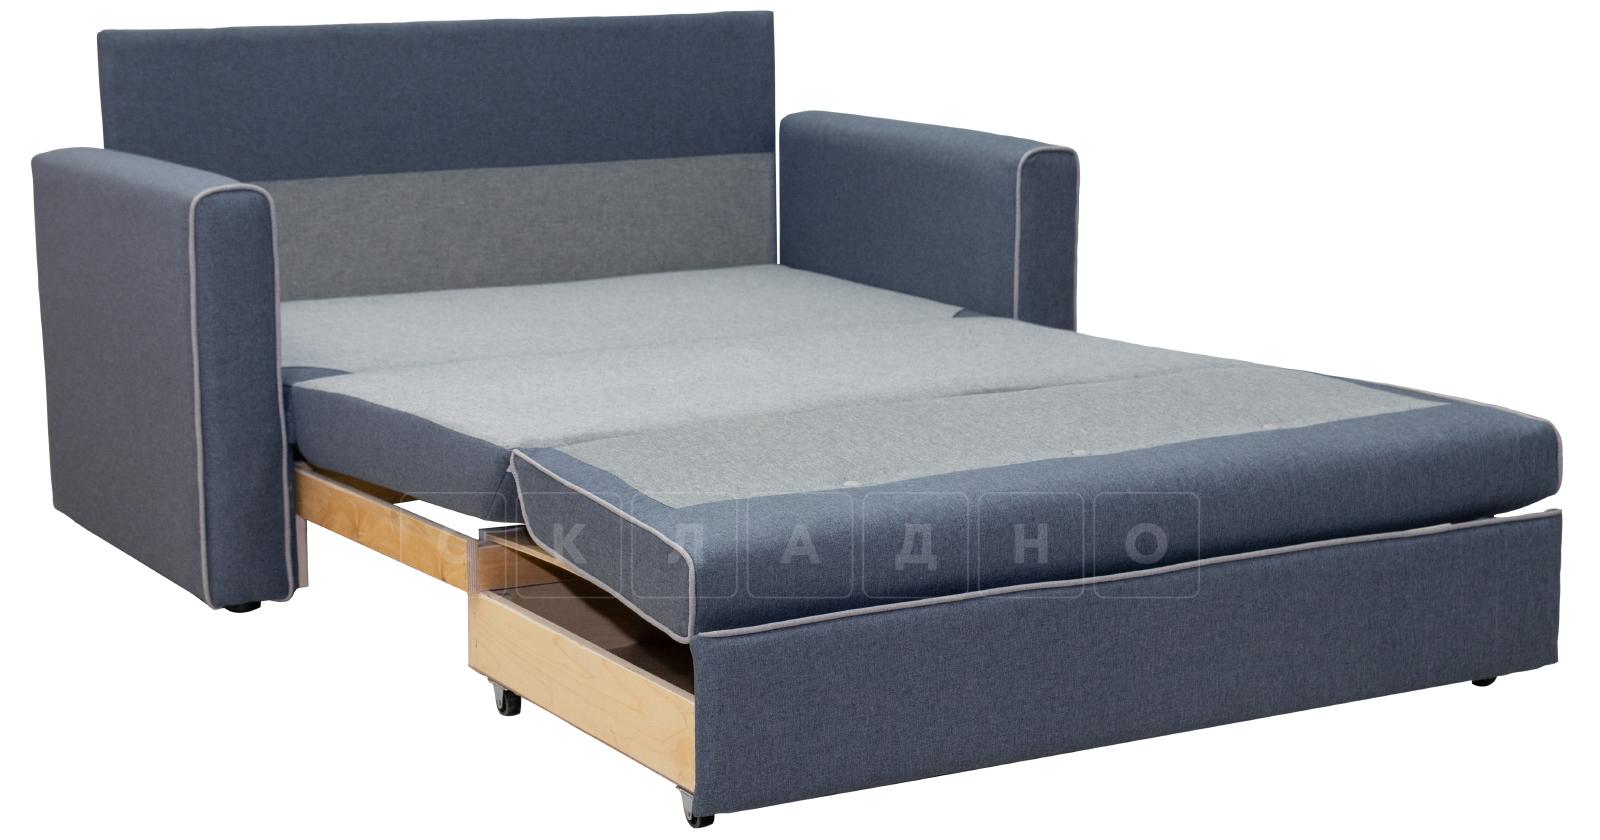 Диван-кровать Найс 120 стальной ТД 172 фото 3 | интернет-магазин Складно